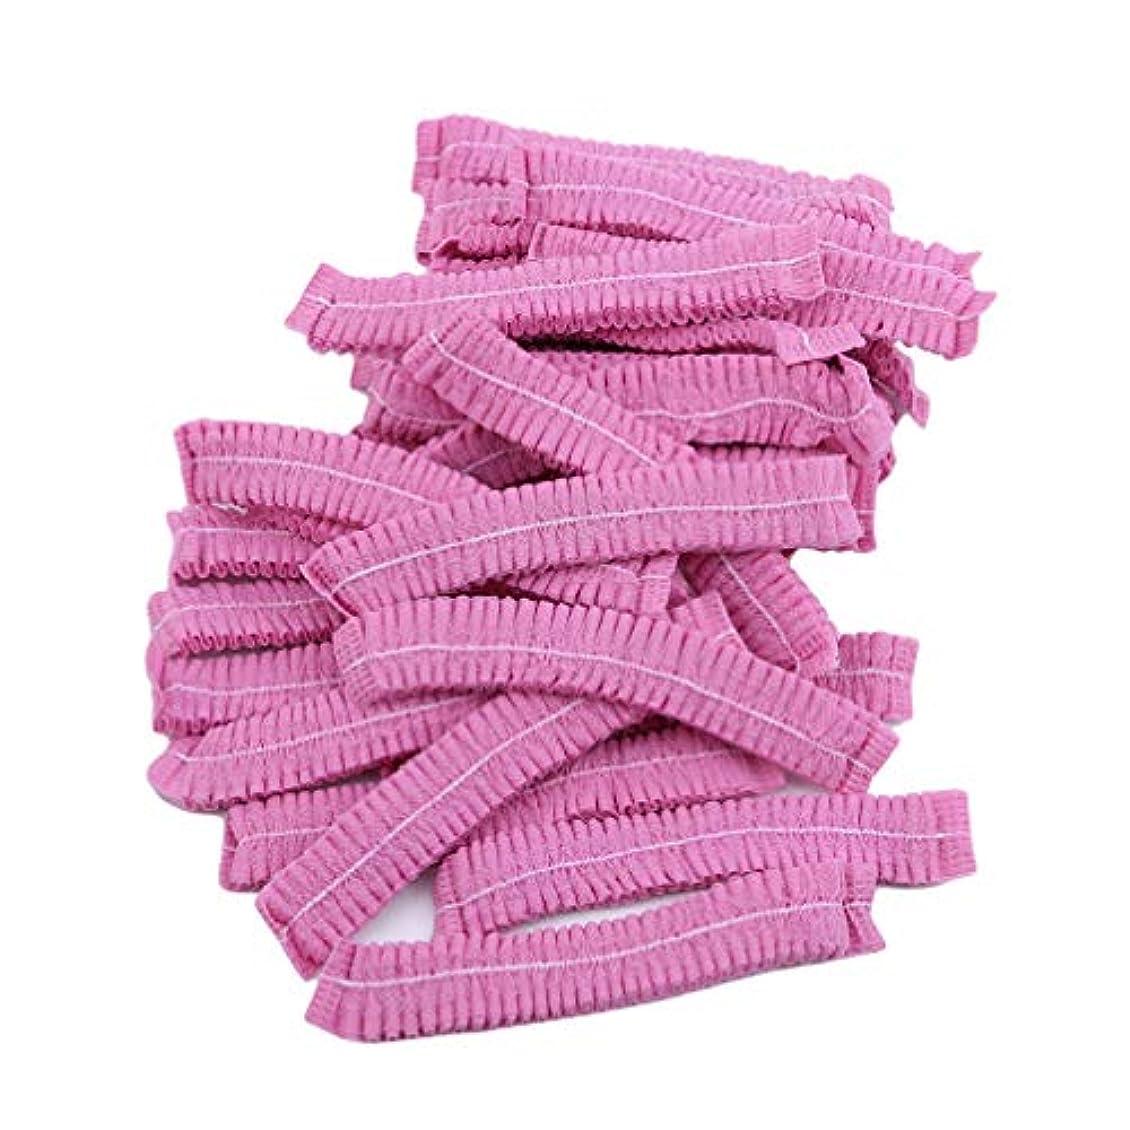 けがをするアトラス国勢調査LJSLYJ 100ピースマイクロブレードパーマネントメイクアップ使い捨てヘアネットキャップ滅菌帽子眉毛スタイリングツールアクセサリー、ピンク